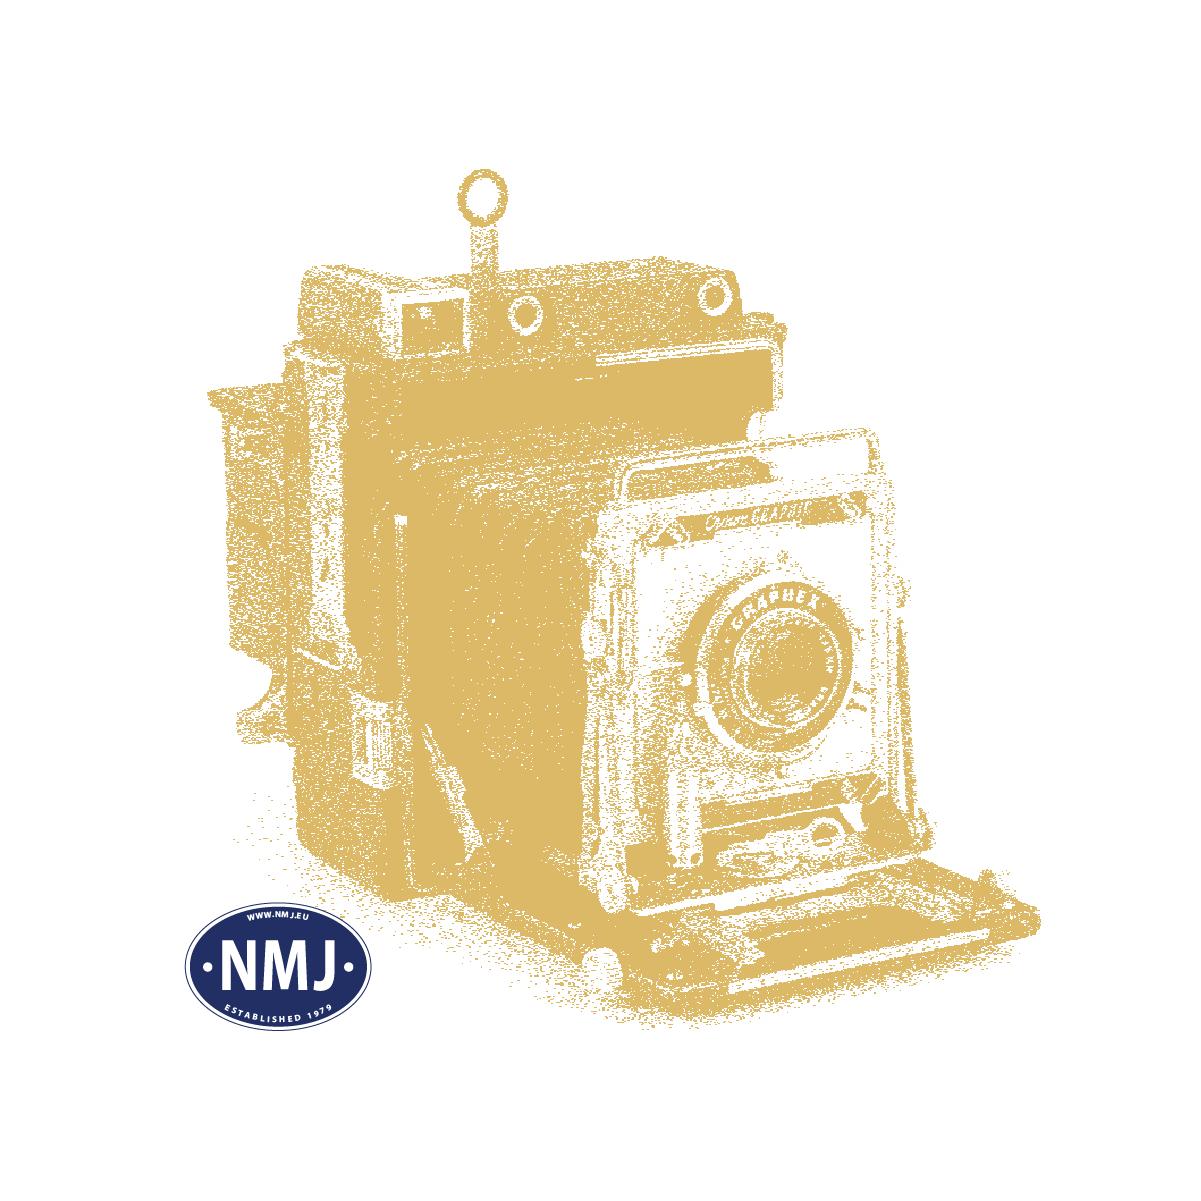 NMJT501.302 - NMJ Topline Os 21 76 370 0 256-9 Rungenwagen der NSB mit Beladung